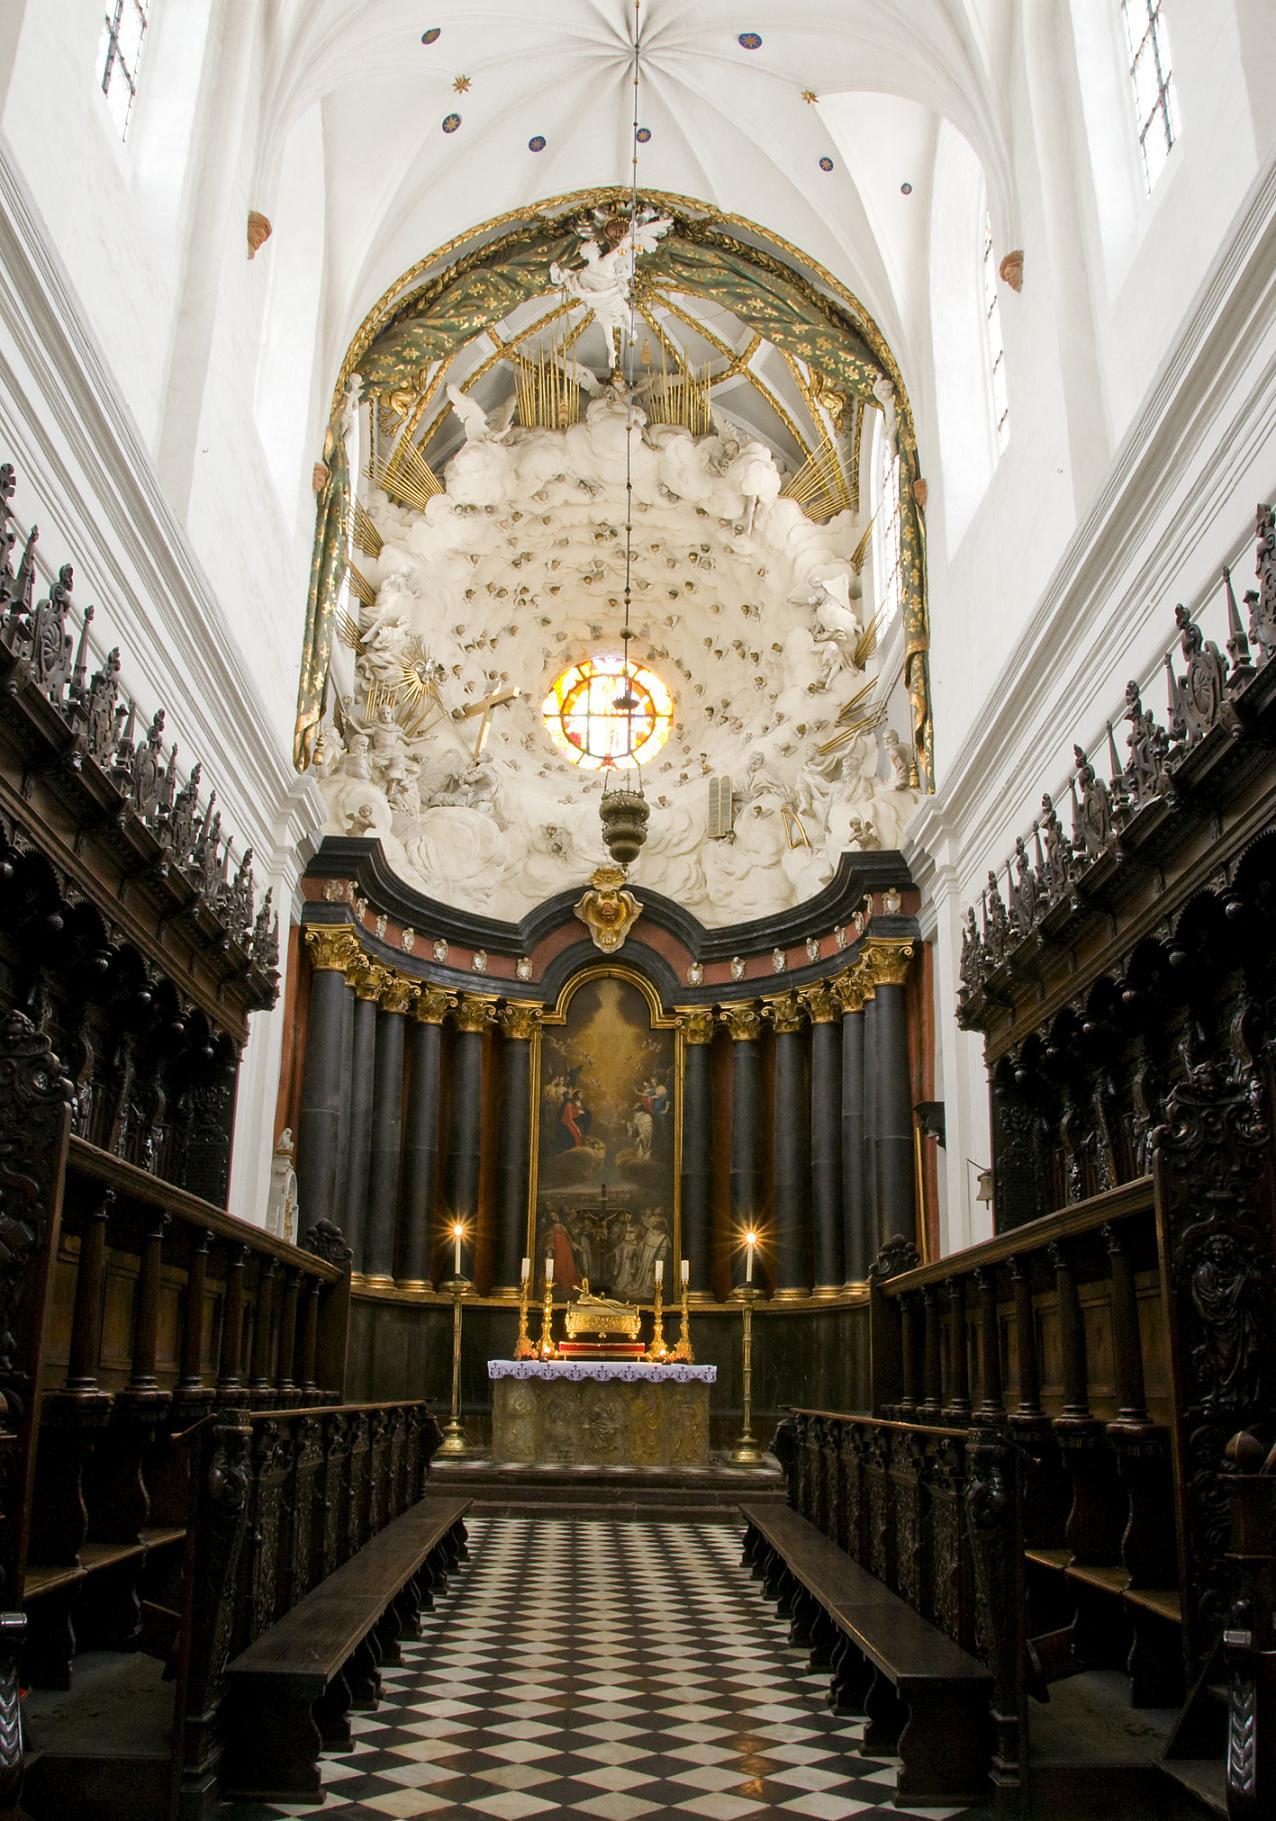 nawa główna z ołtarzem-wystrój kościoła.jpg